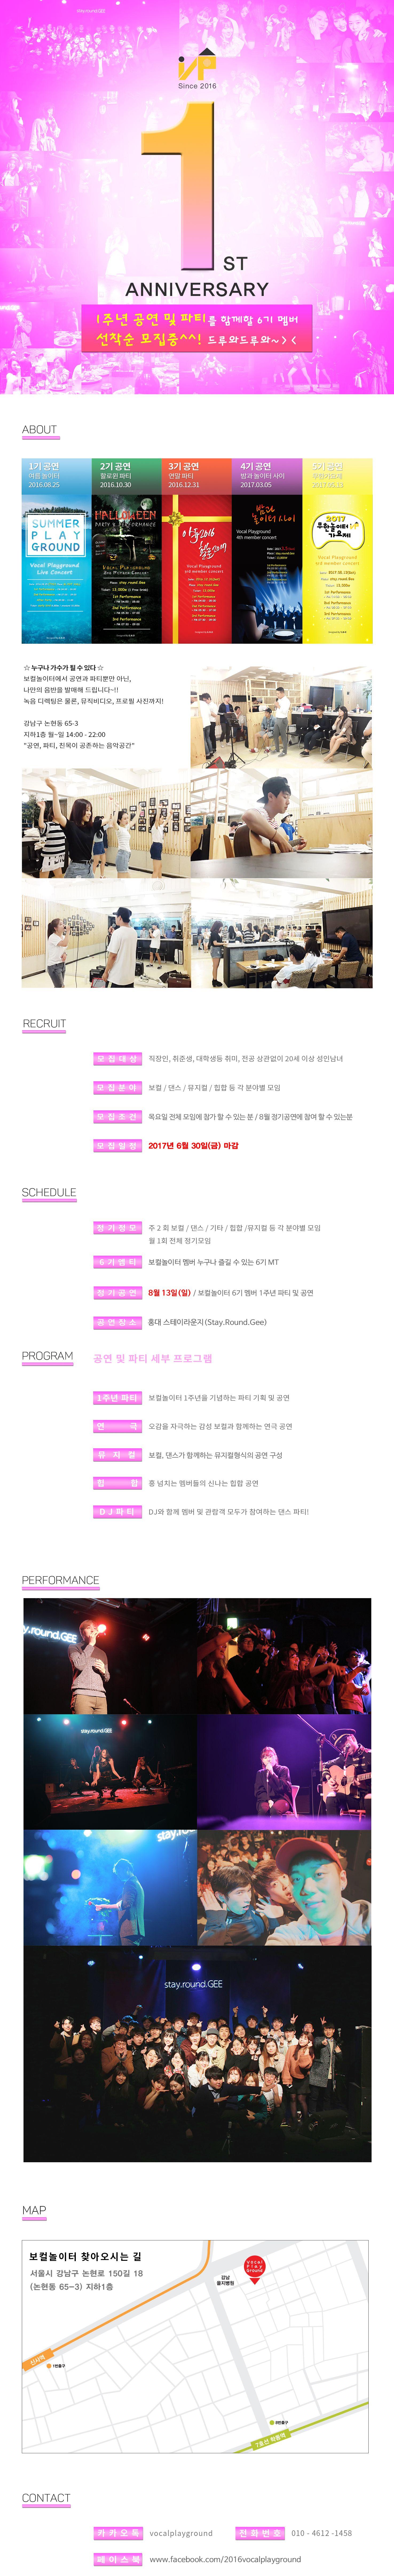 [보컬놀이터] 8월13일 함께 공연할 멤버 모집중~:)